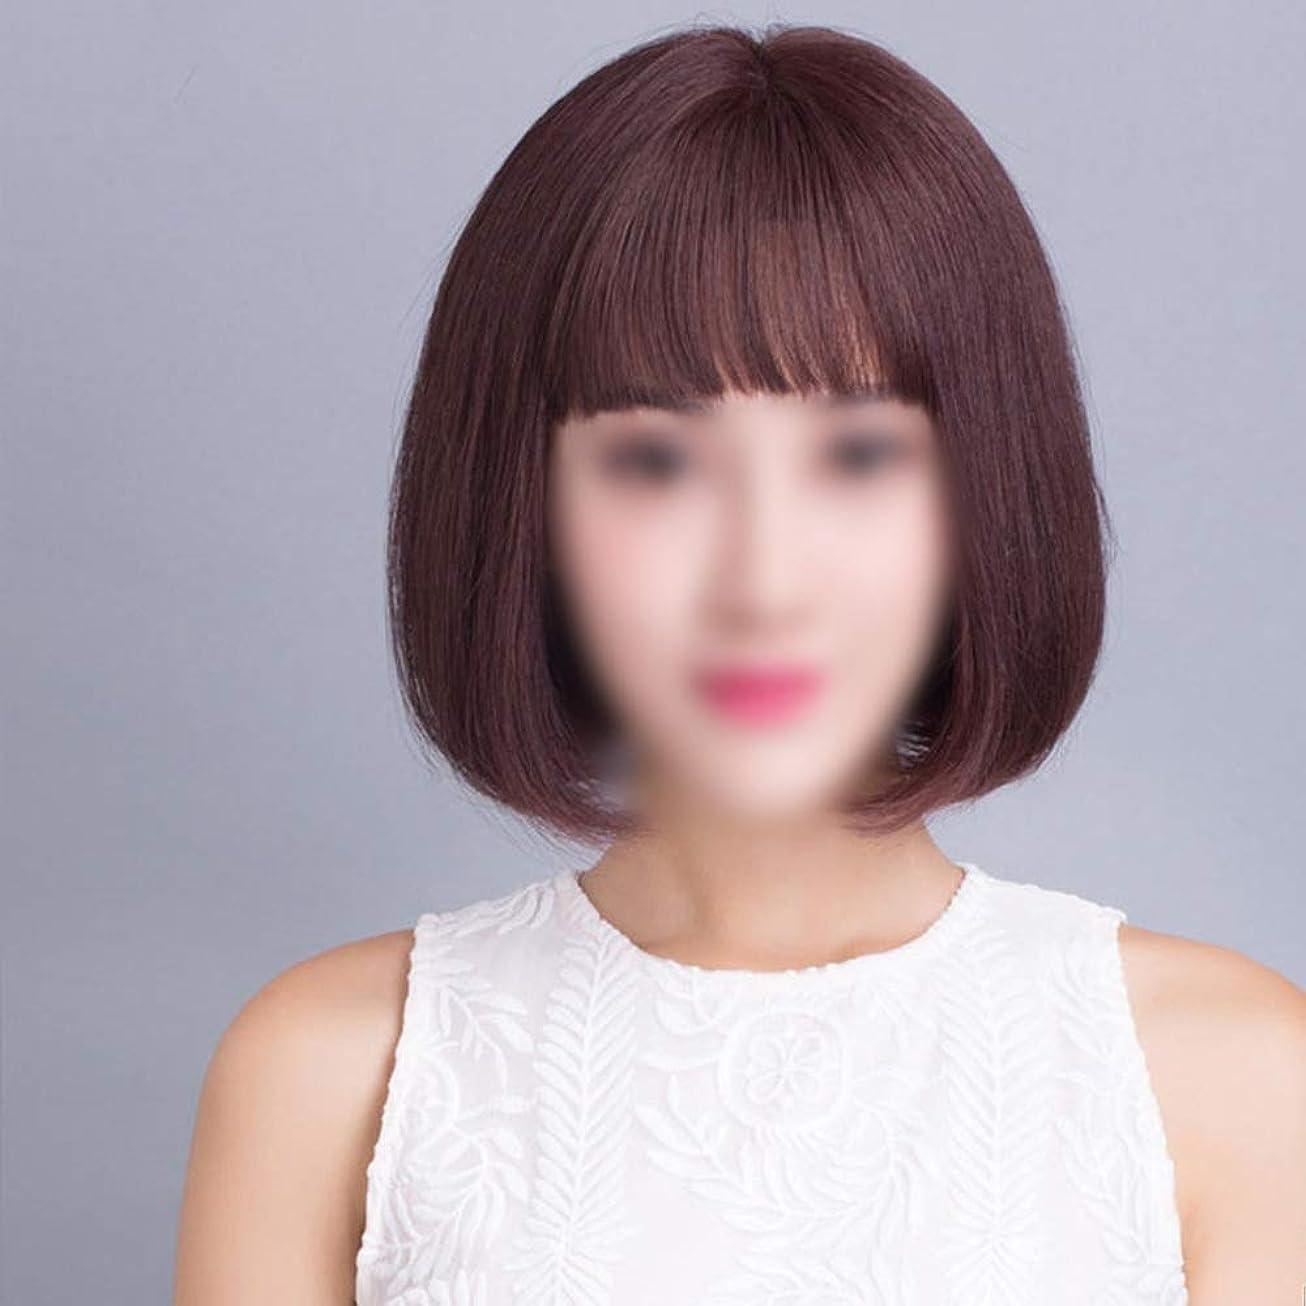 アームストロングスピンサドルYAHONGOE 女性の短い髪本物の髪ボブかつらかつらかつらファッションかつら (色 : Hand-woven top heart - natural black)